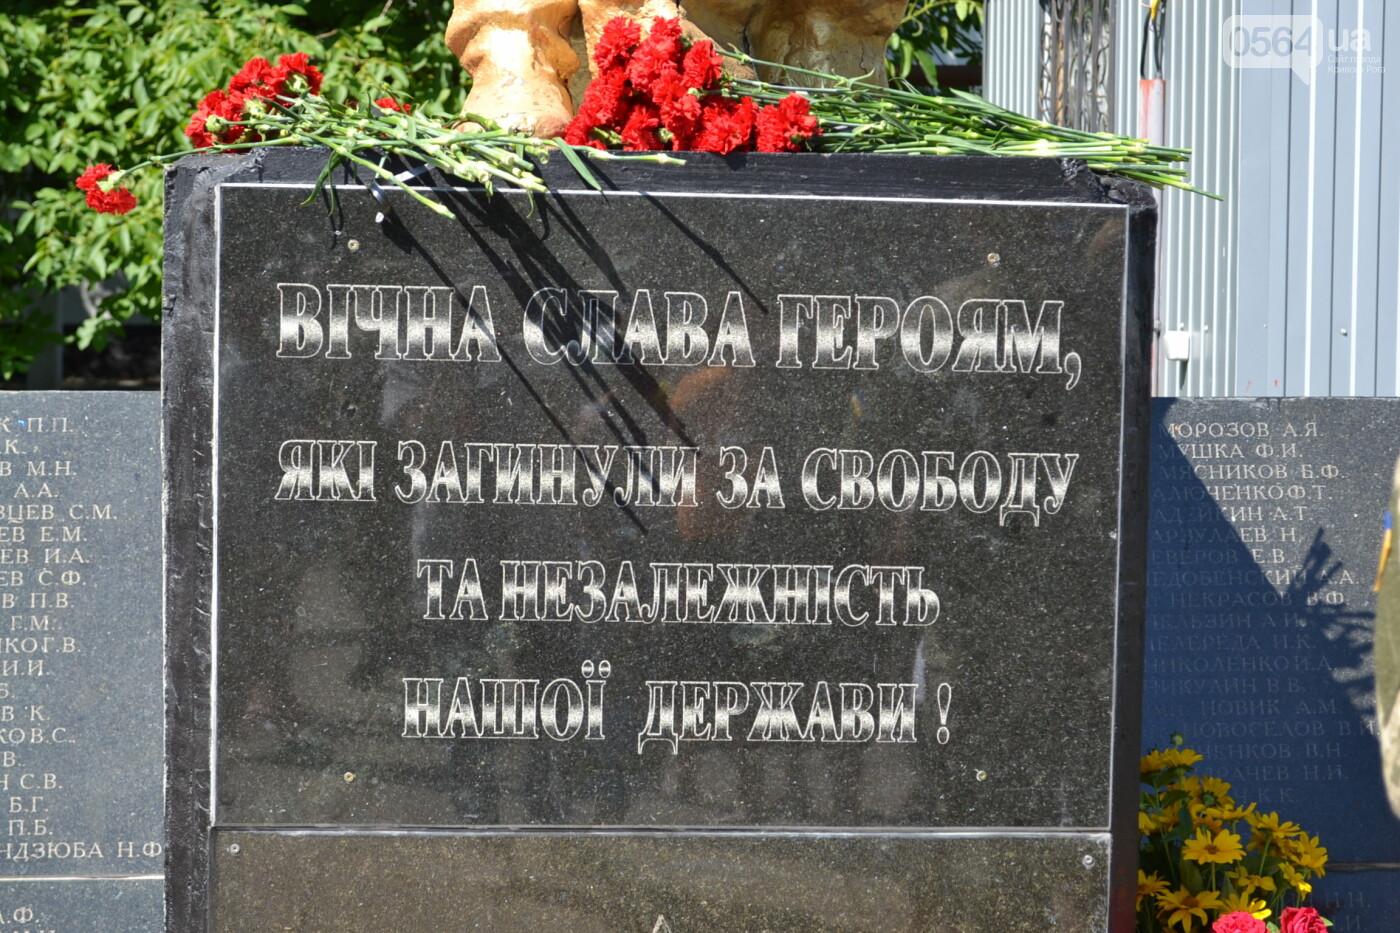 Вечная память! На Криворожье торжественно захоронили останки 43 воинов Второй мировой, - ФОТО, ВИДЕО, фото-38